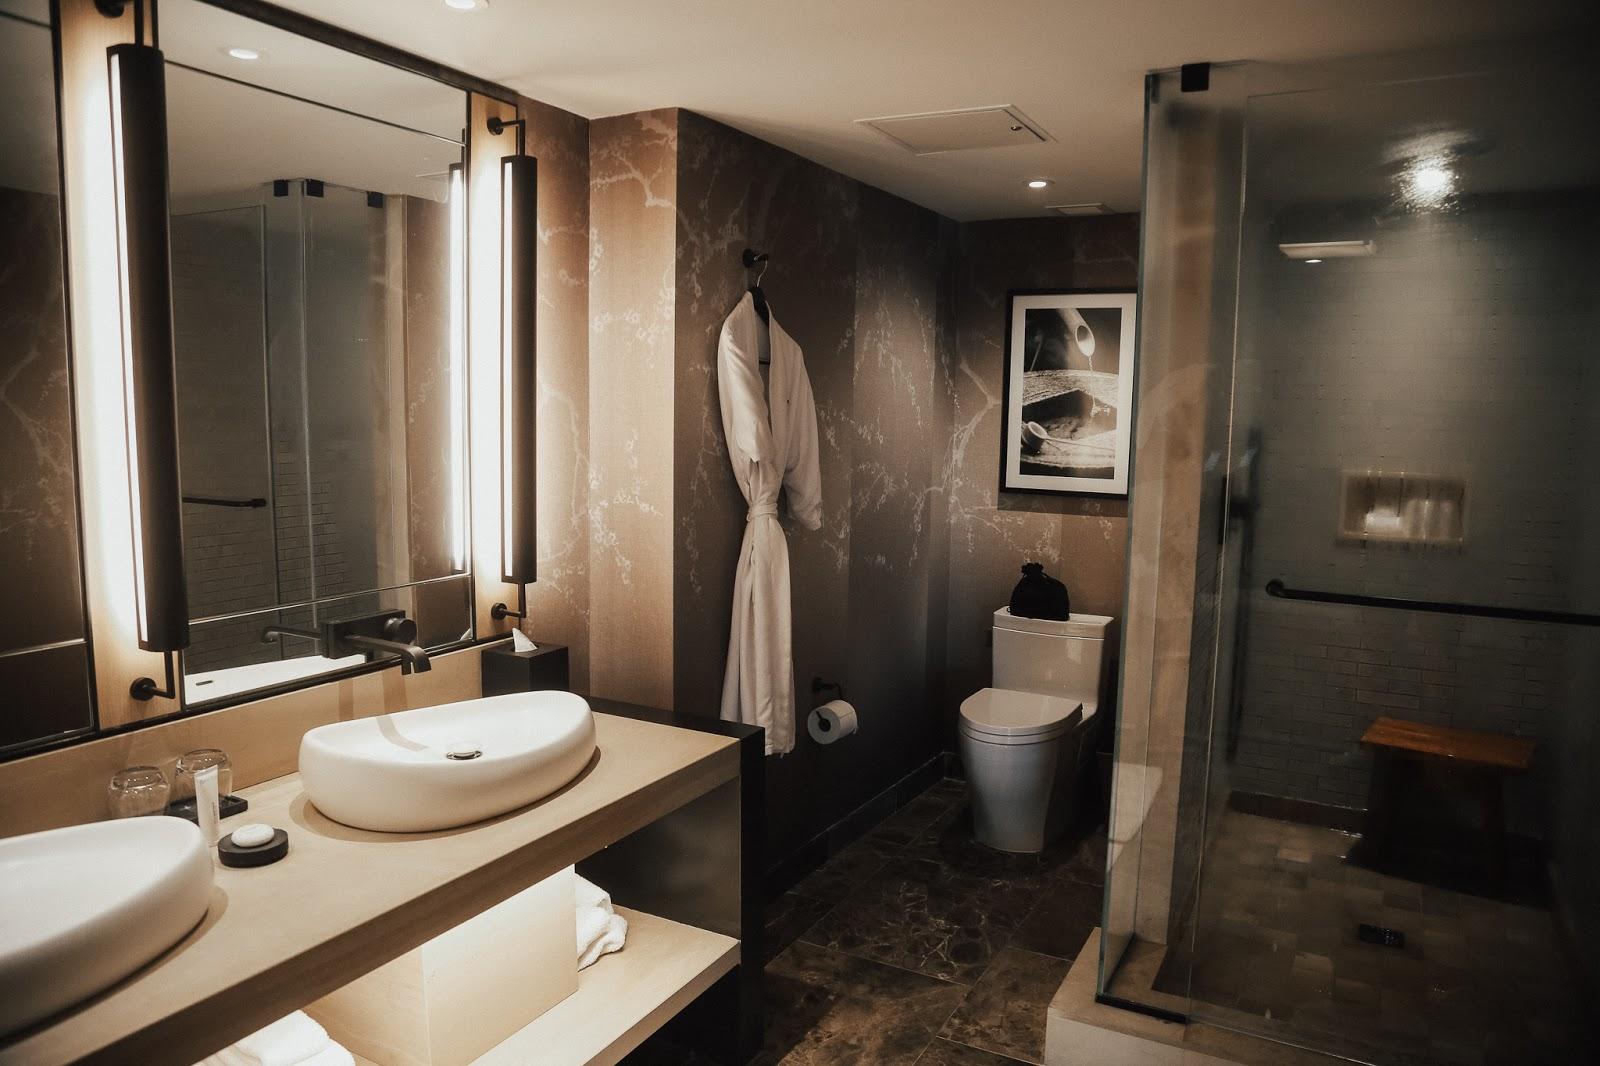 nobu miami suite